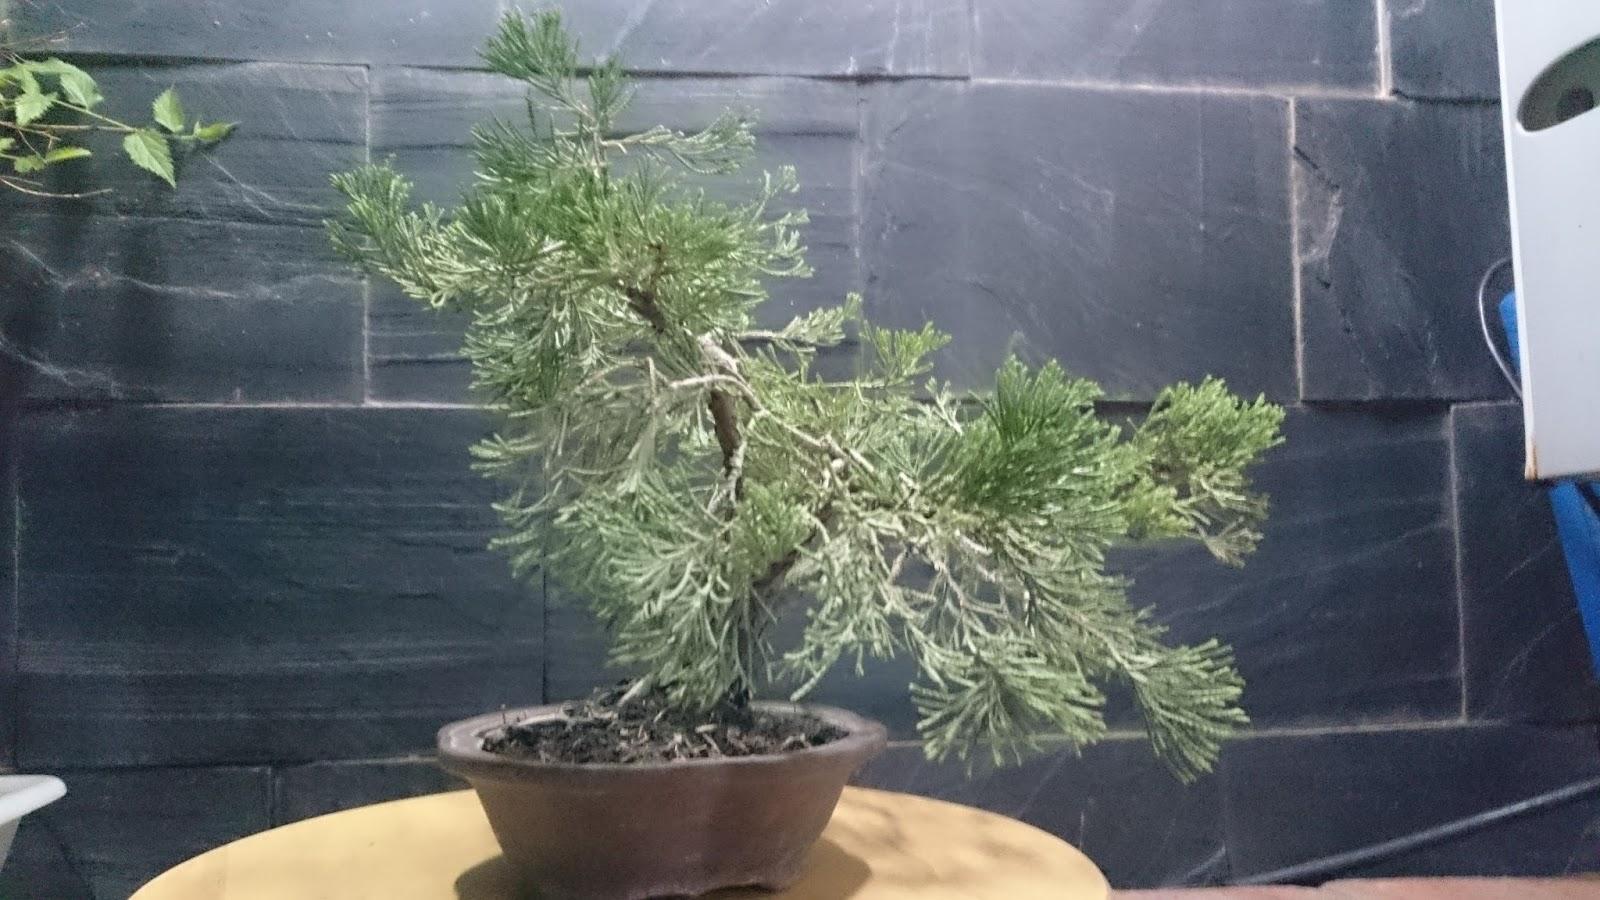 Expr sion bons i macetas nuevas y alg n proyecto mas for Pececillo nuevo de cualquier especie